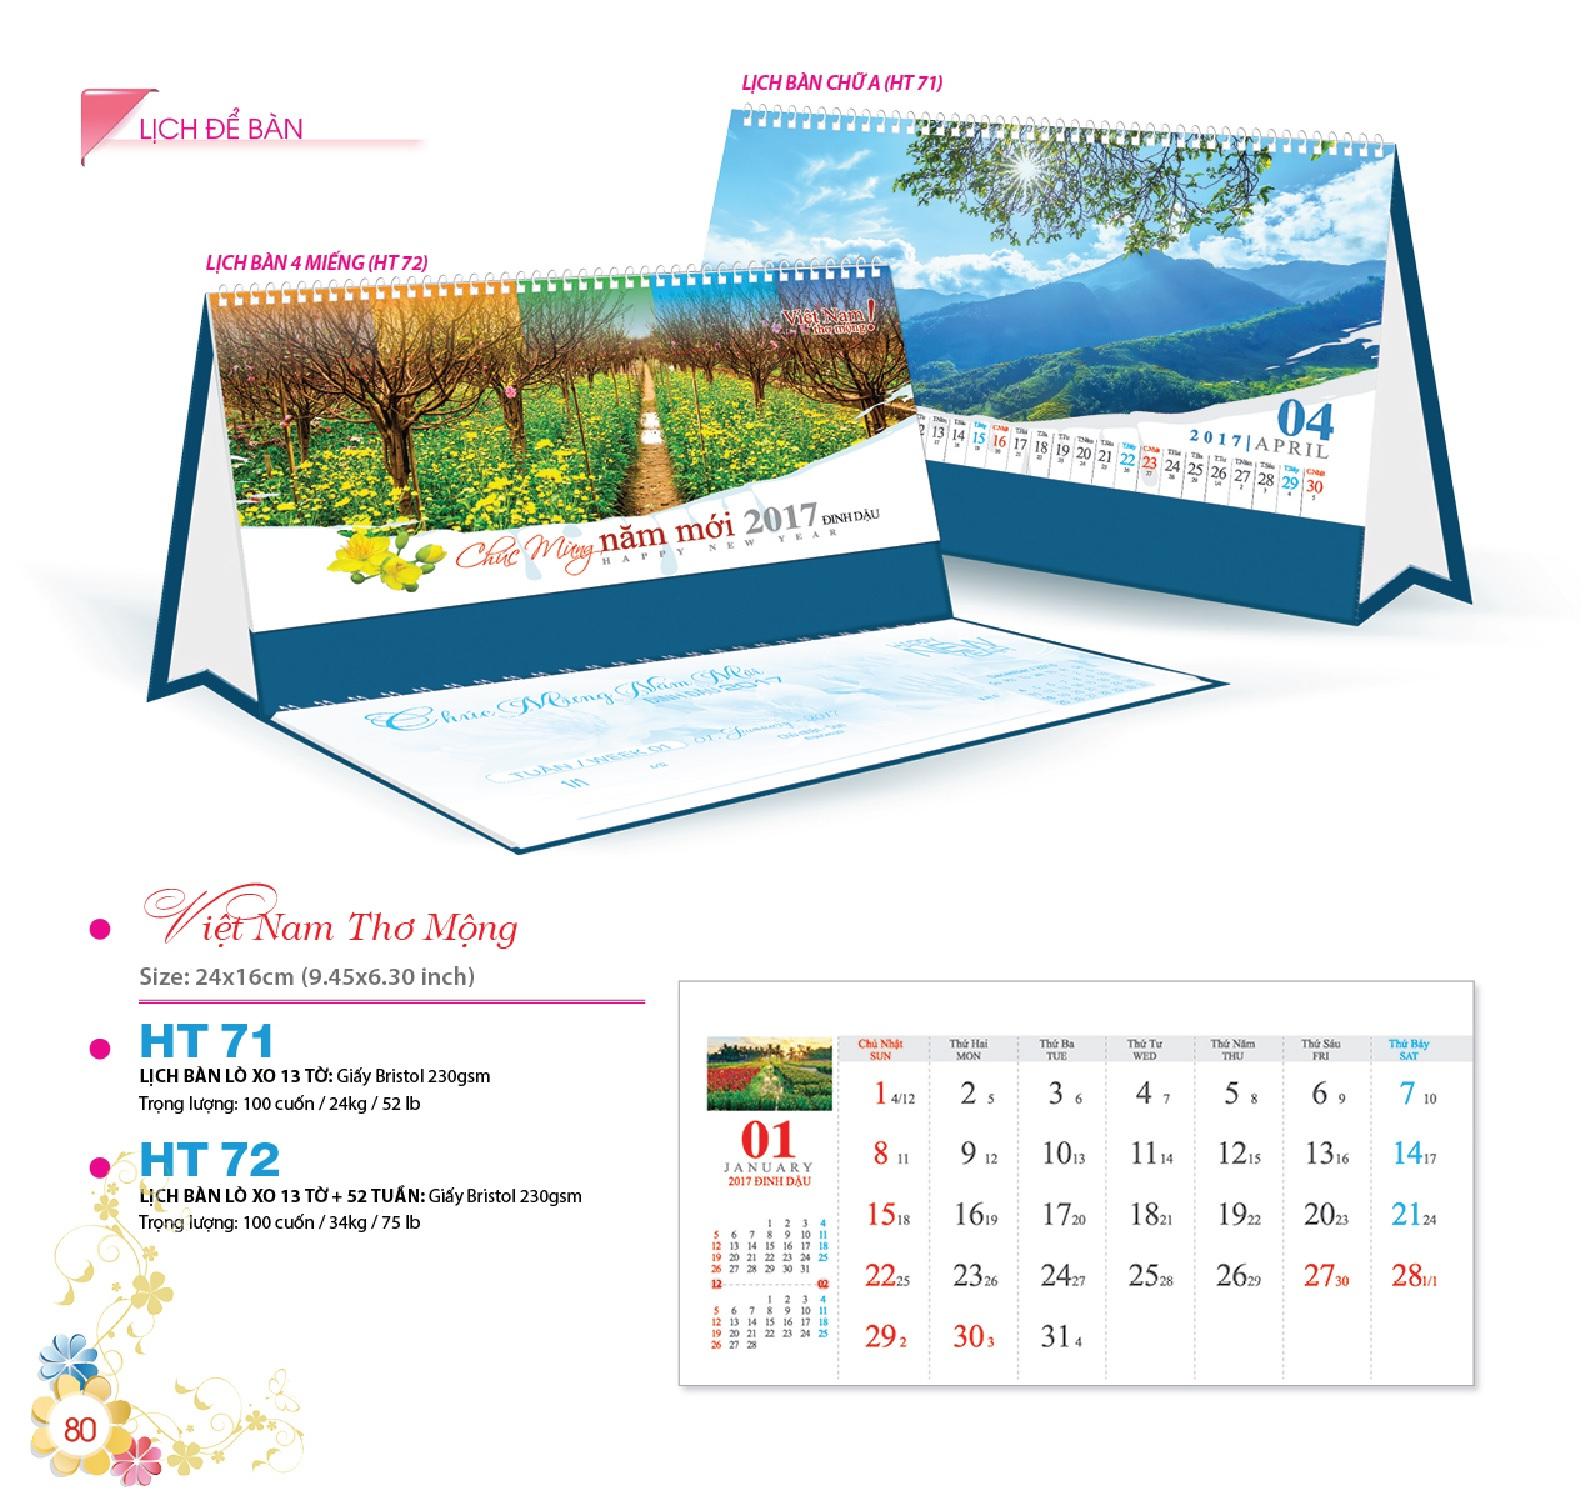 HT-71: Lịch bàn chữ M 13 tờ - Việt Nam thơ mộng